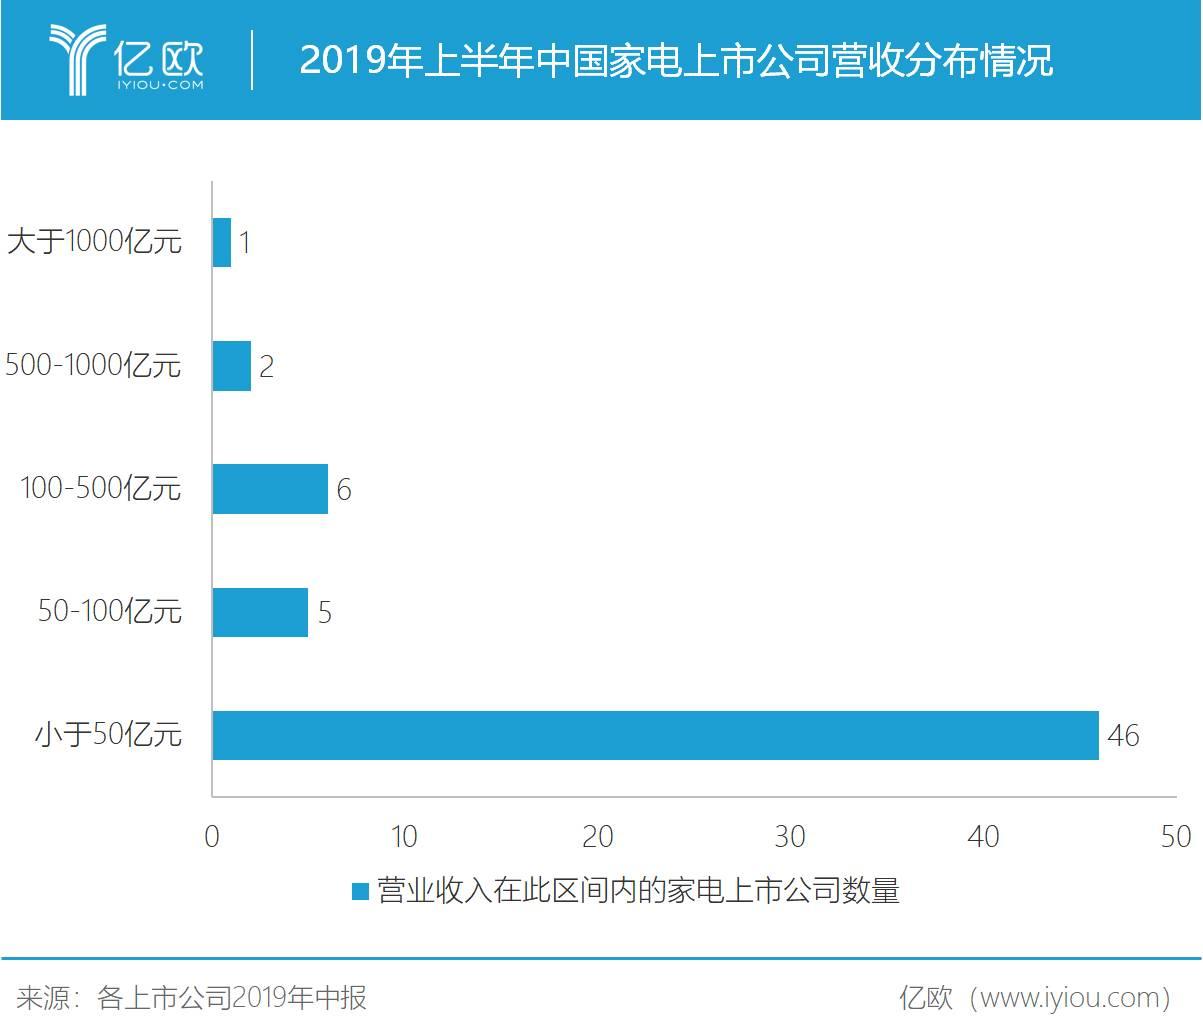 2019年上半年中国家电上市公司营收分布情况